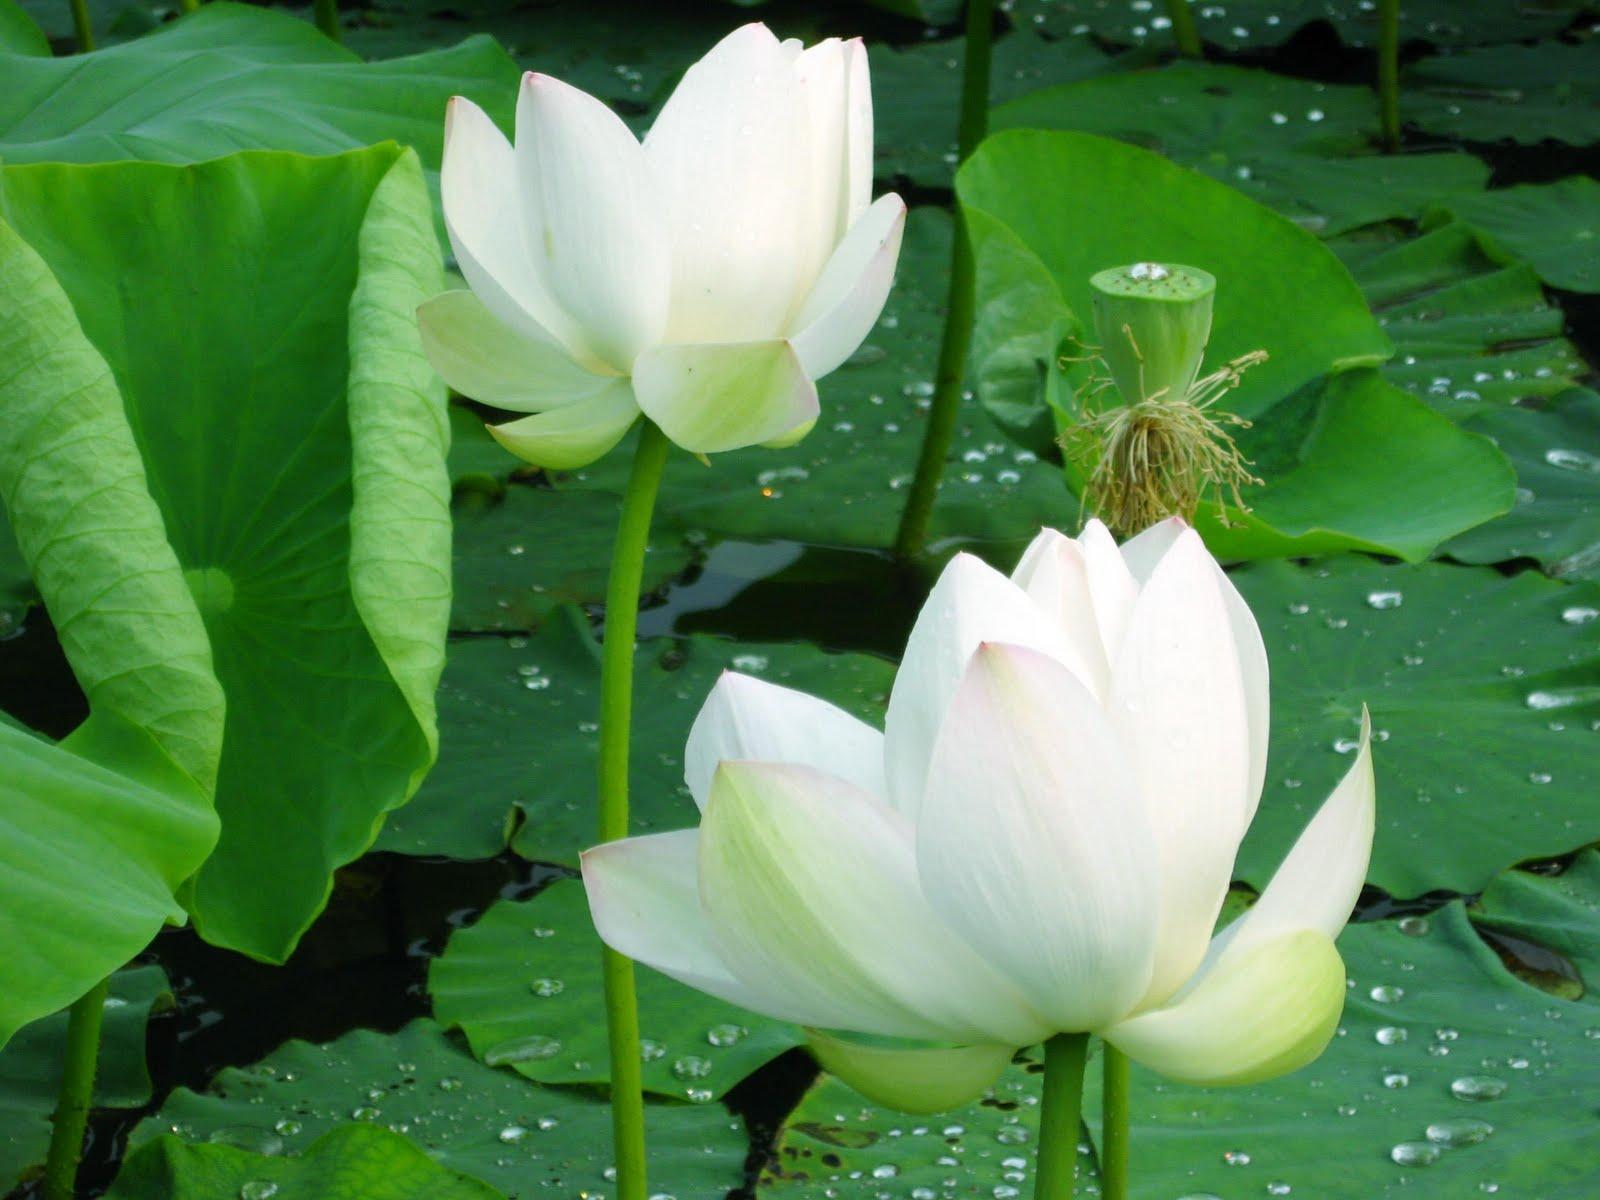 White lotus flower wallpaper